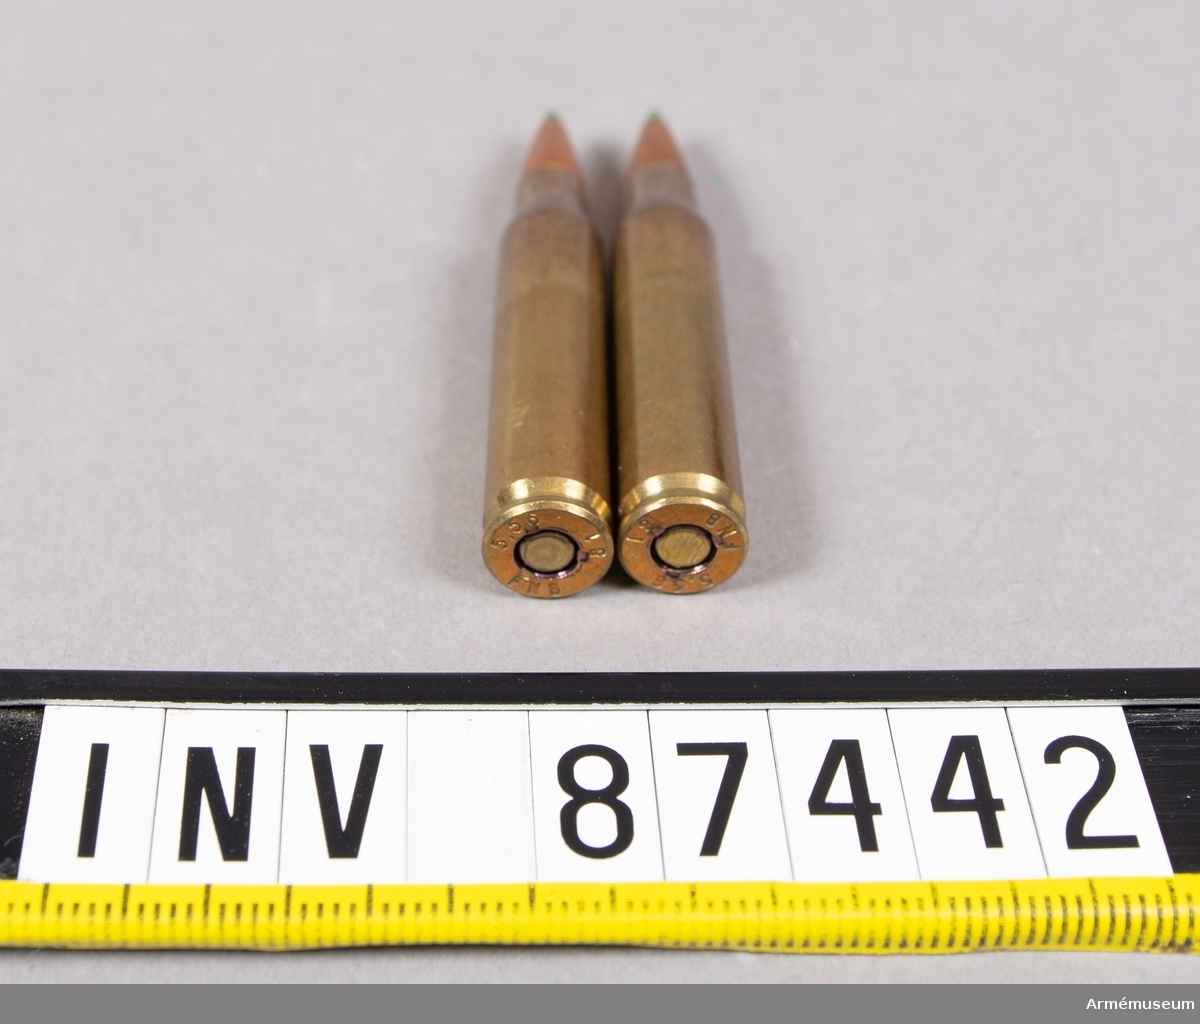 2 st 5,56 mm NATO patroner FN SS 109, projektil med stålkärna, för NATO-vapen FNC, MINIMI, automatkarnin M16 A 1, automatkarbin 5. Grönmarkerade spetsar på projektilerna.